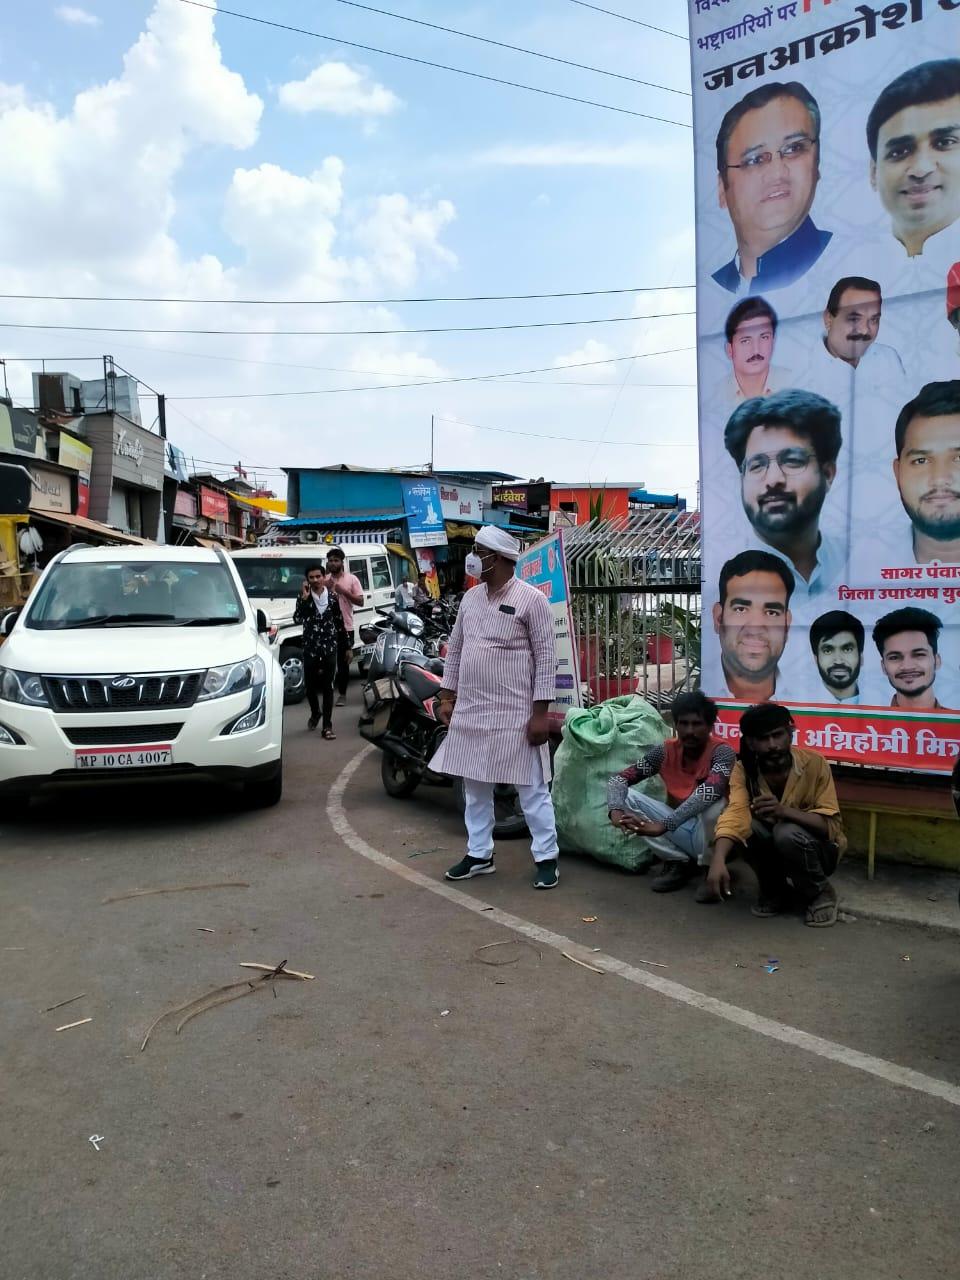 कांग्रेस नेता व विस प्रत्याशी रहे कुंदन मालवीया प्रदर्शन स्थल से दूर रहे।